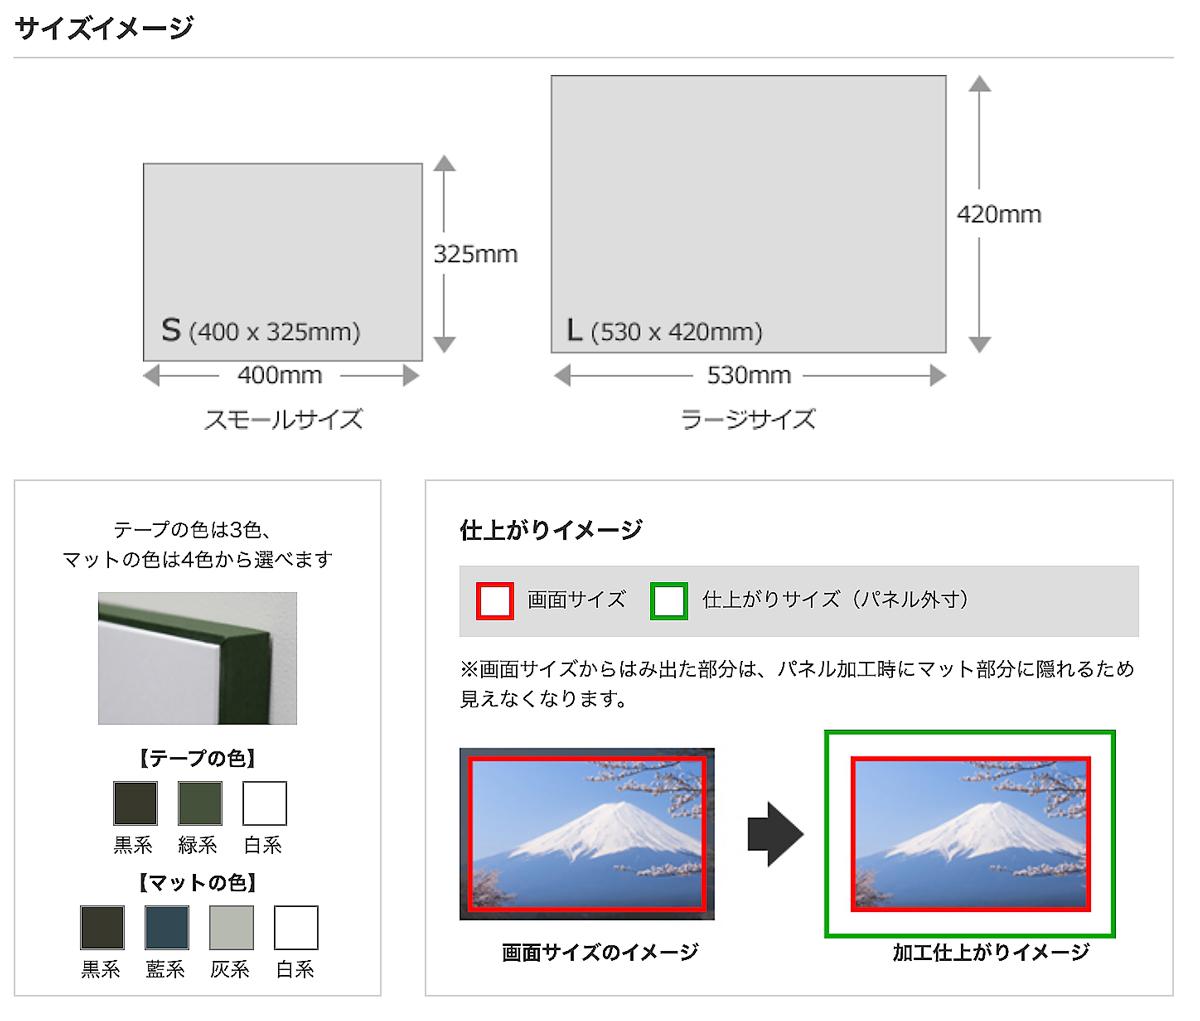 マットパネル サイズイメージ 通常納期2週間